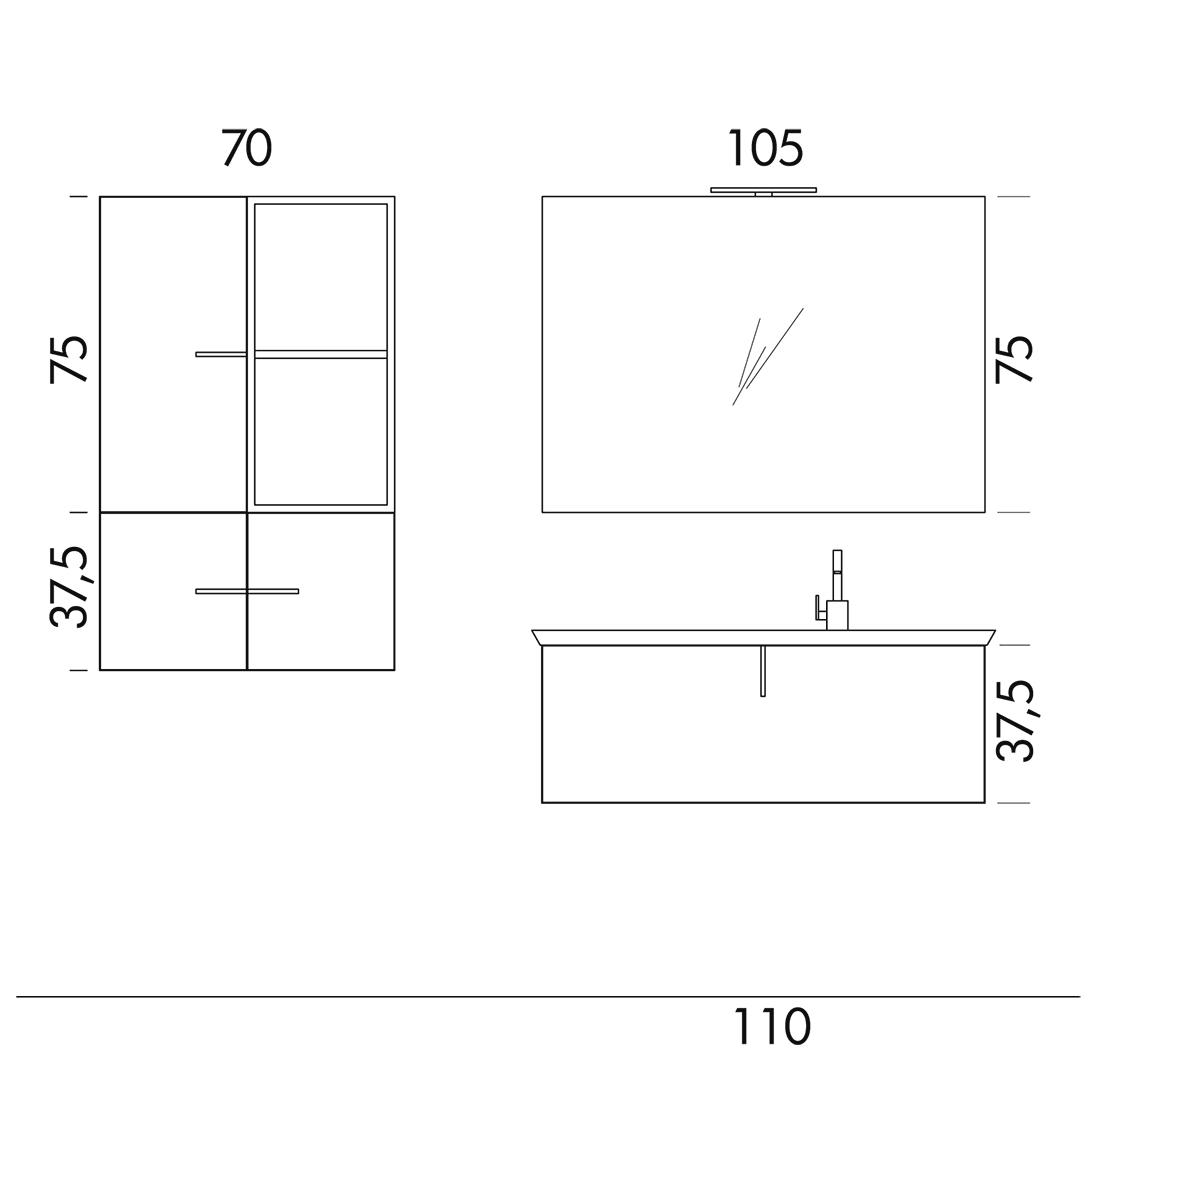 b201 73 life - mobile arredo bagno design l 70+110,5 x p 20,8/54 ... - Misure Arredo Bagno